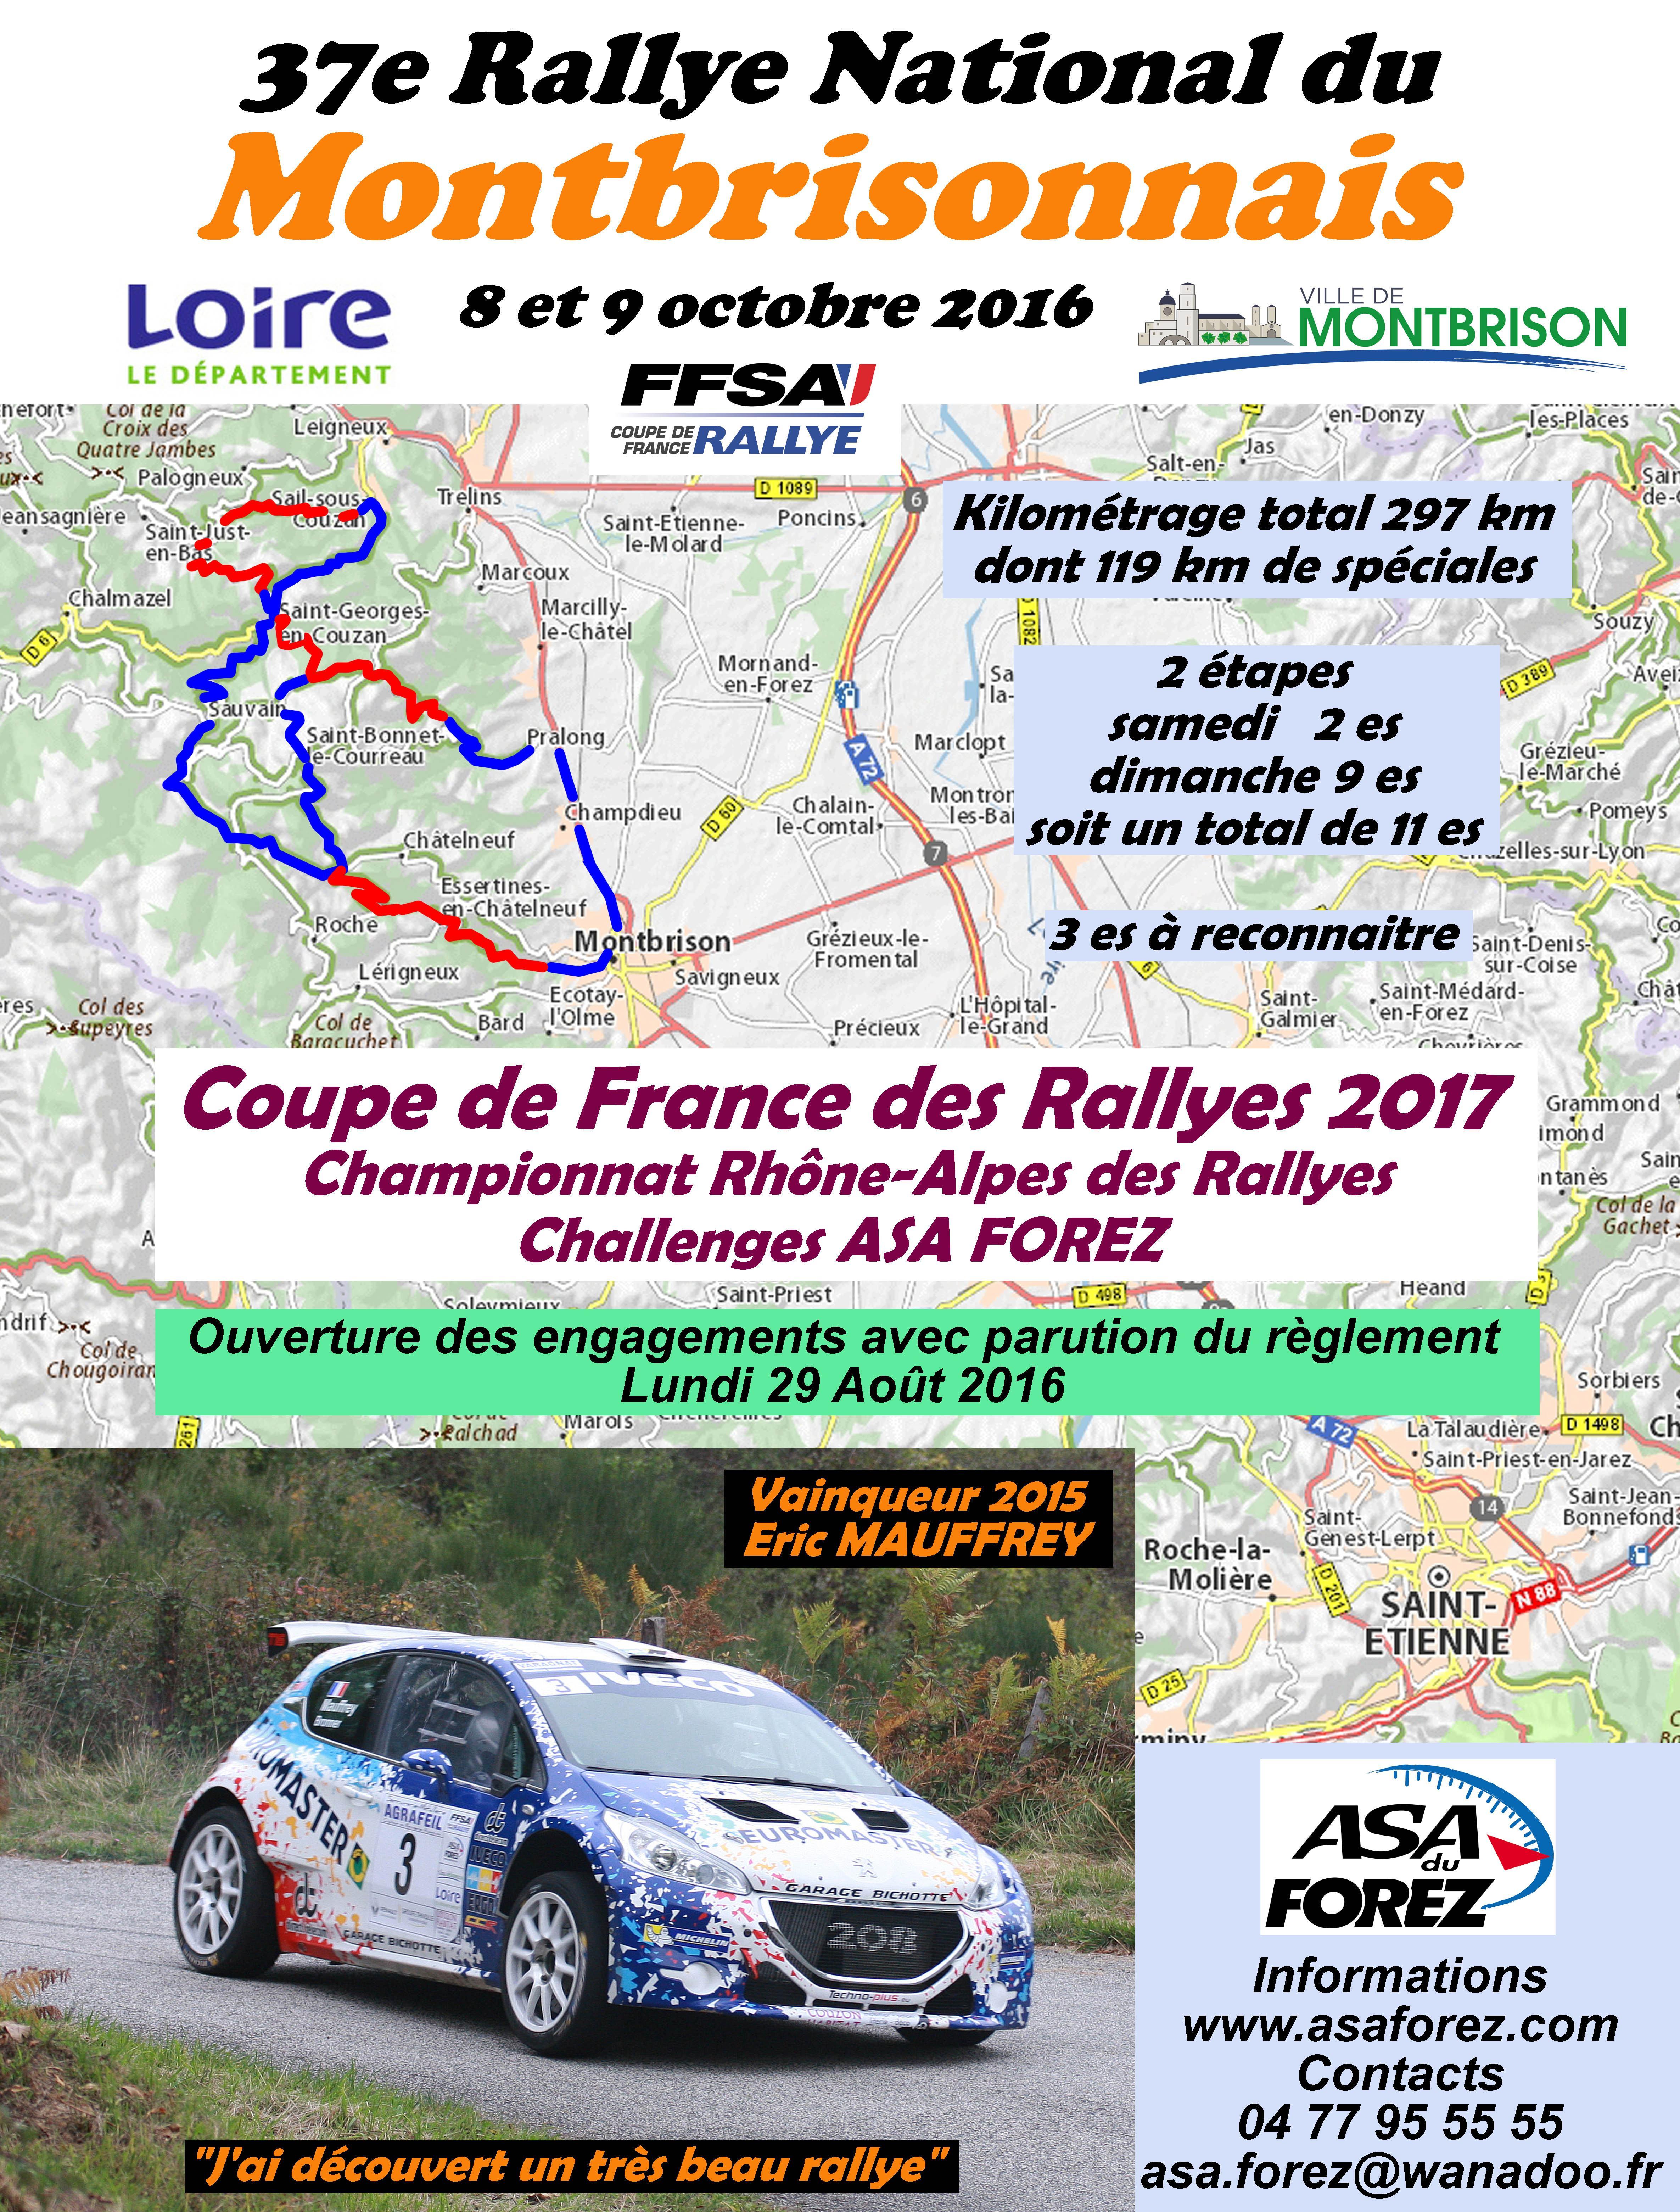 Rallye-Montbrisonnais-2016